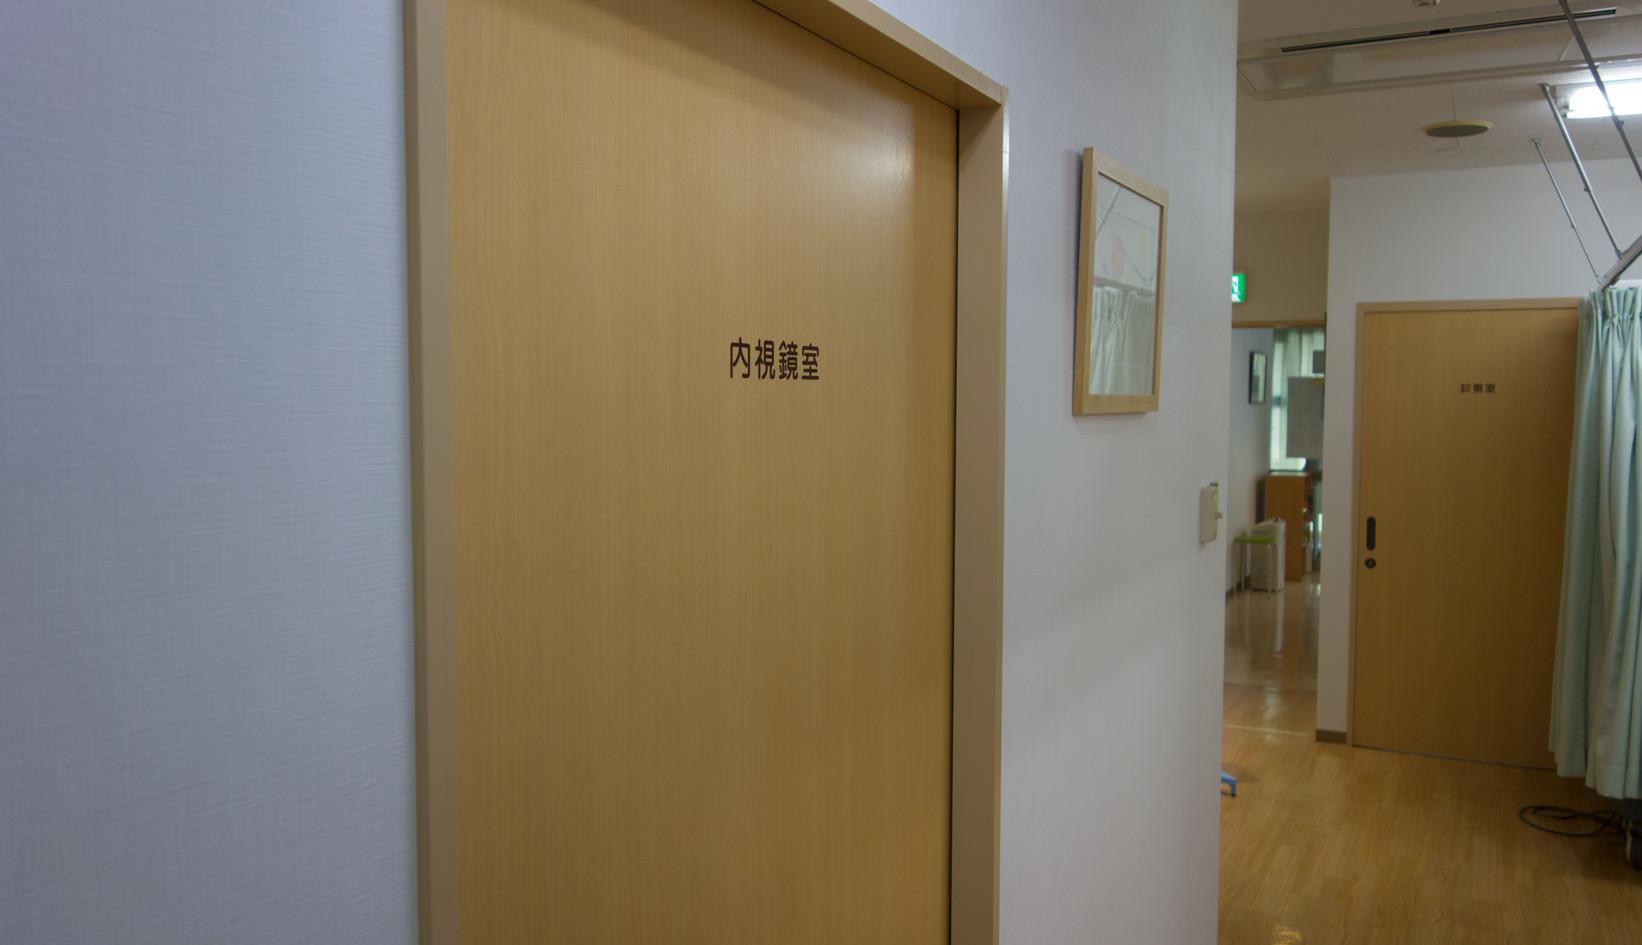 内視鏡室前